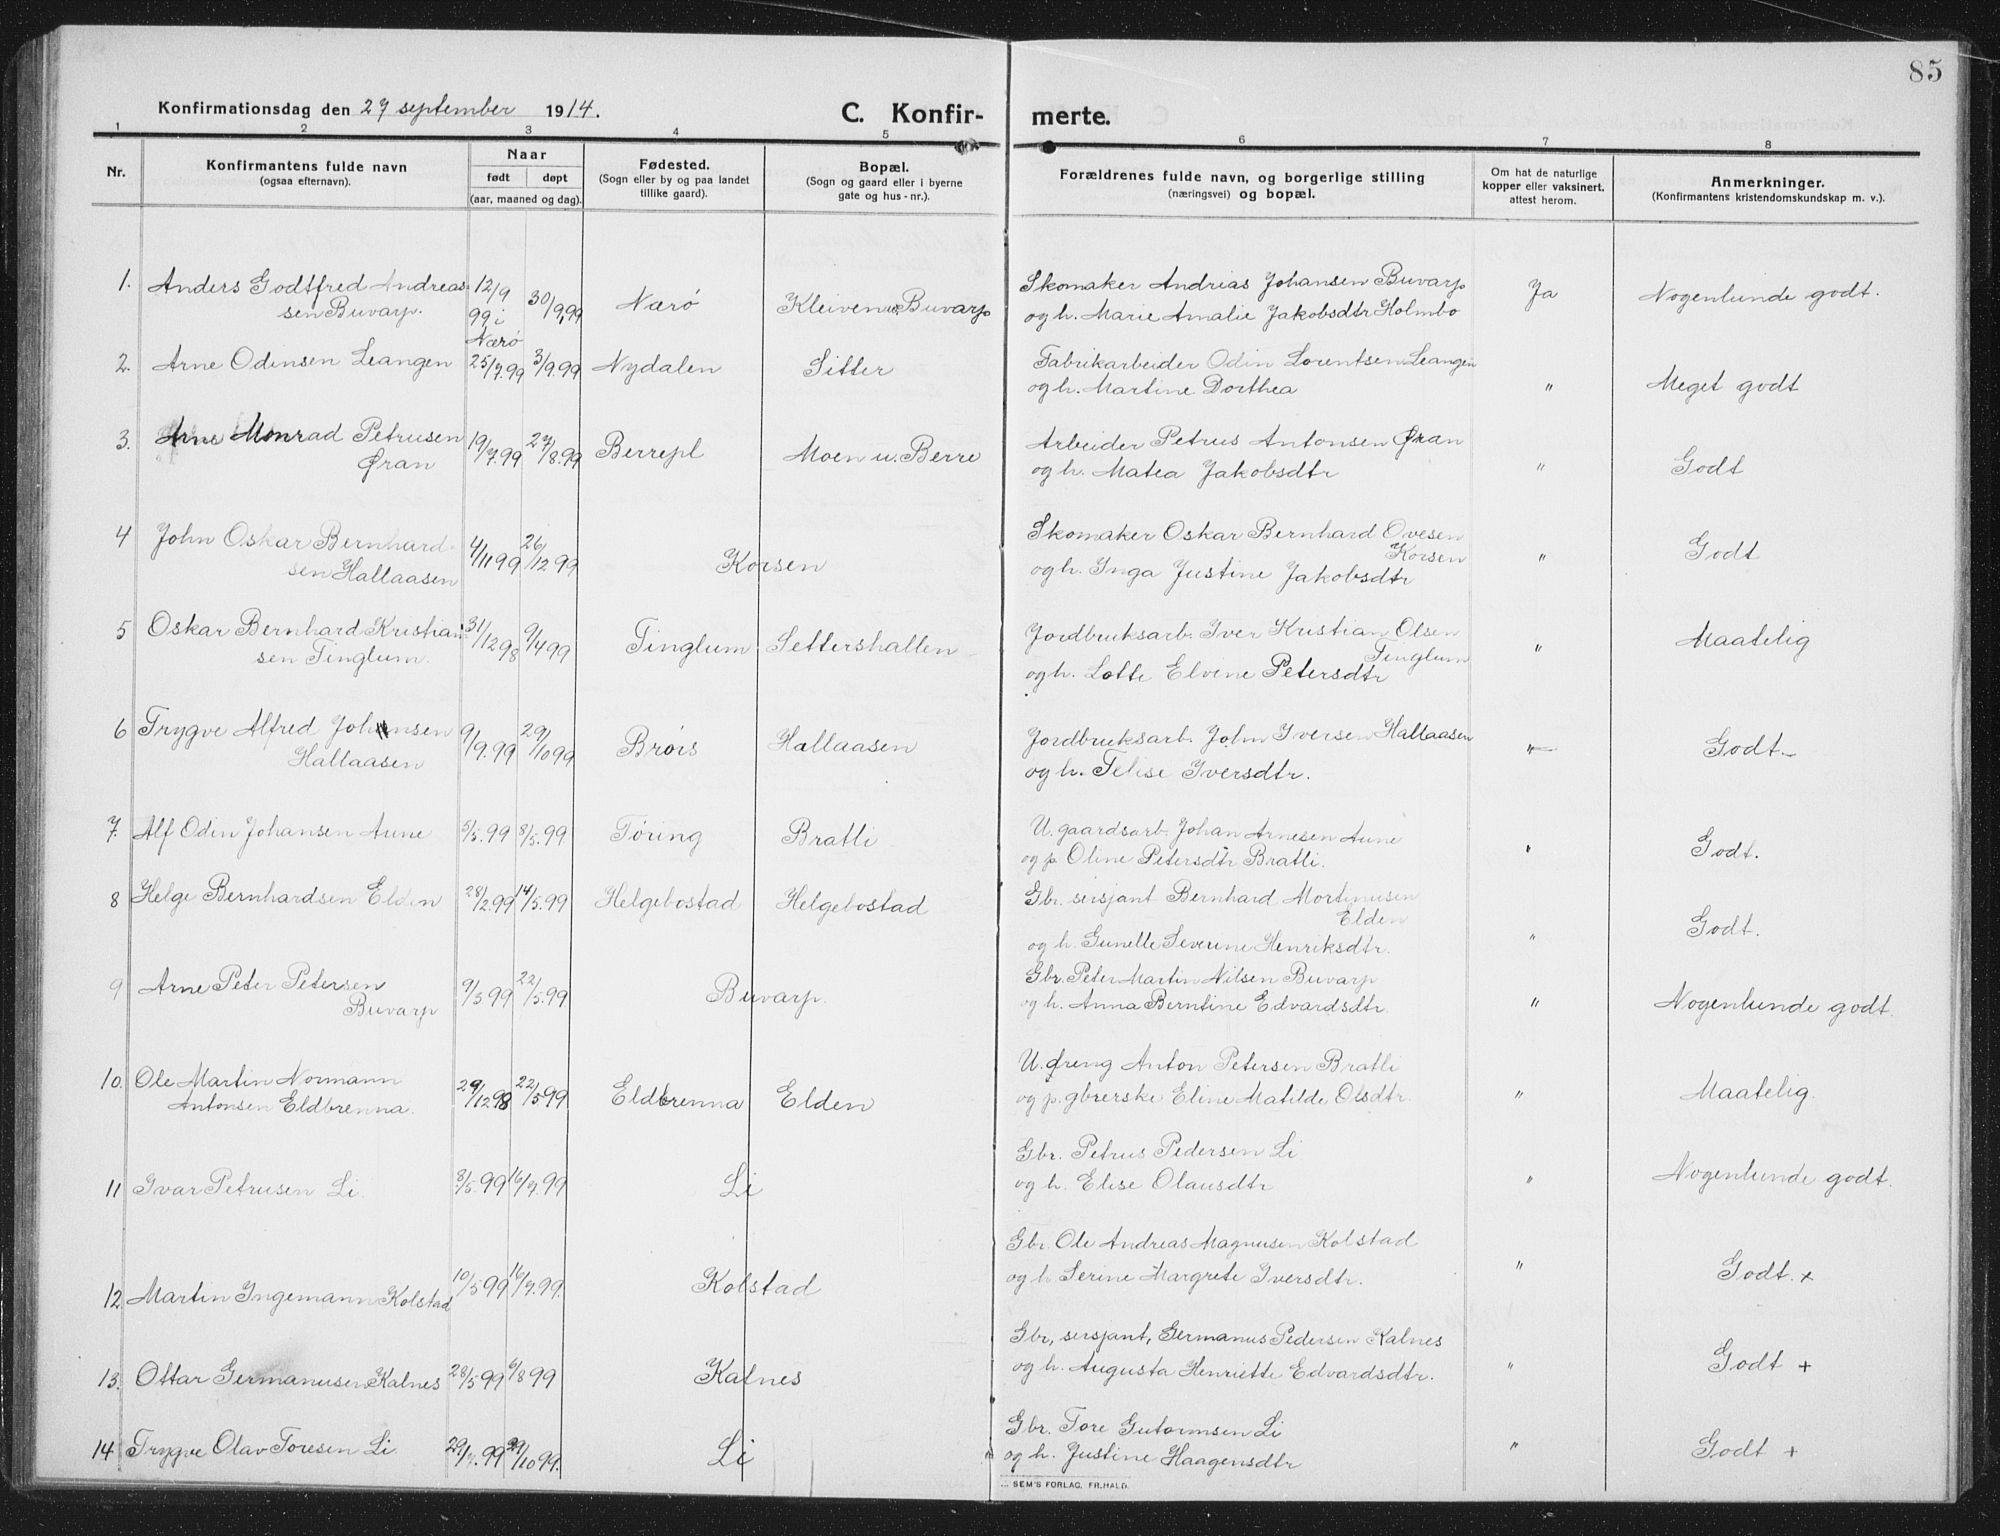 SAT, Ministerialprotokoller, klokkerbøker og fødselsregistre - Nord-Trøndelag, 742/L0413: Klokkerbok nr. 742C04, 1911-1938, s. 85